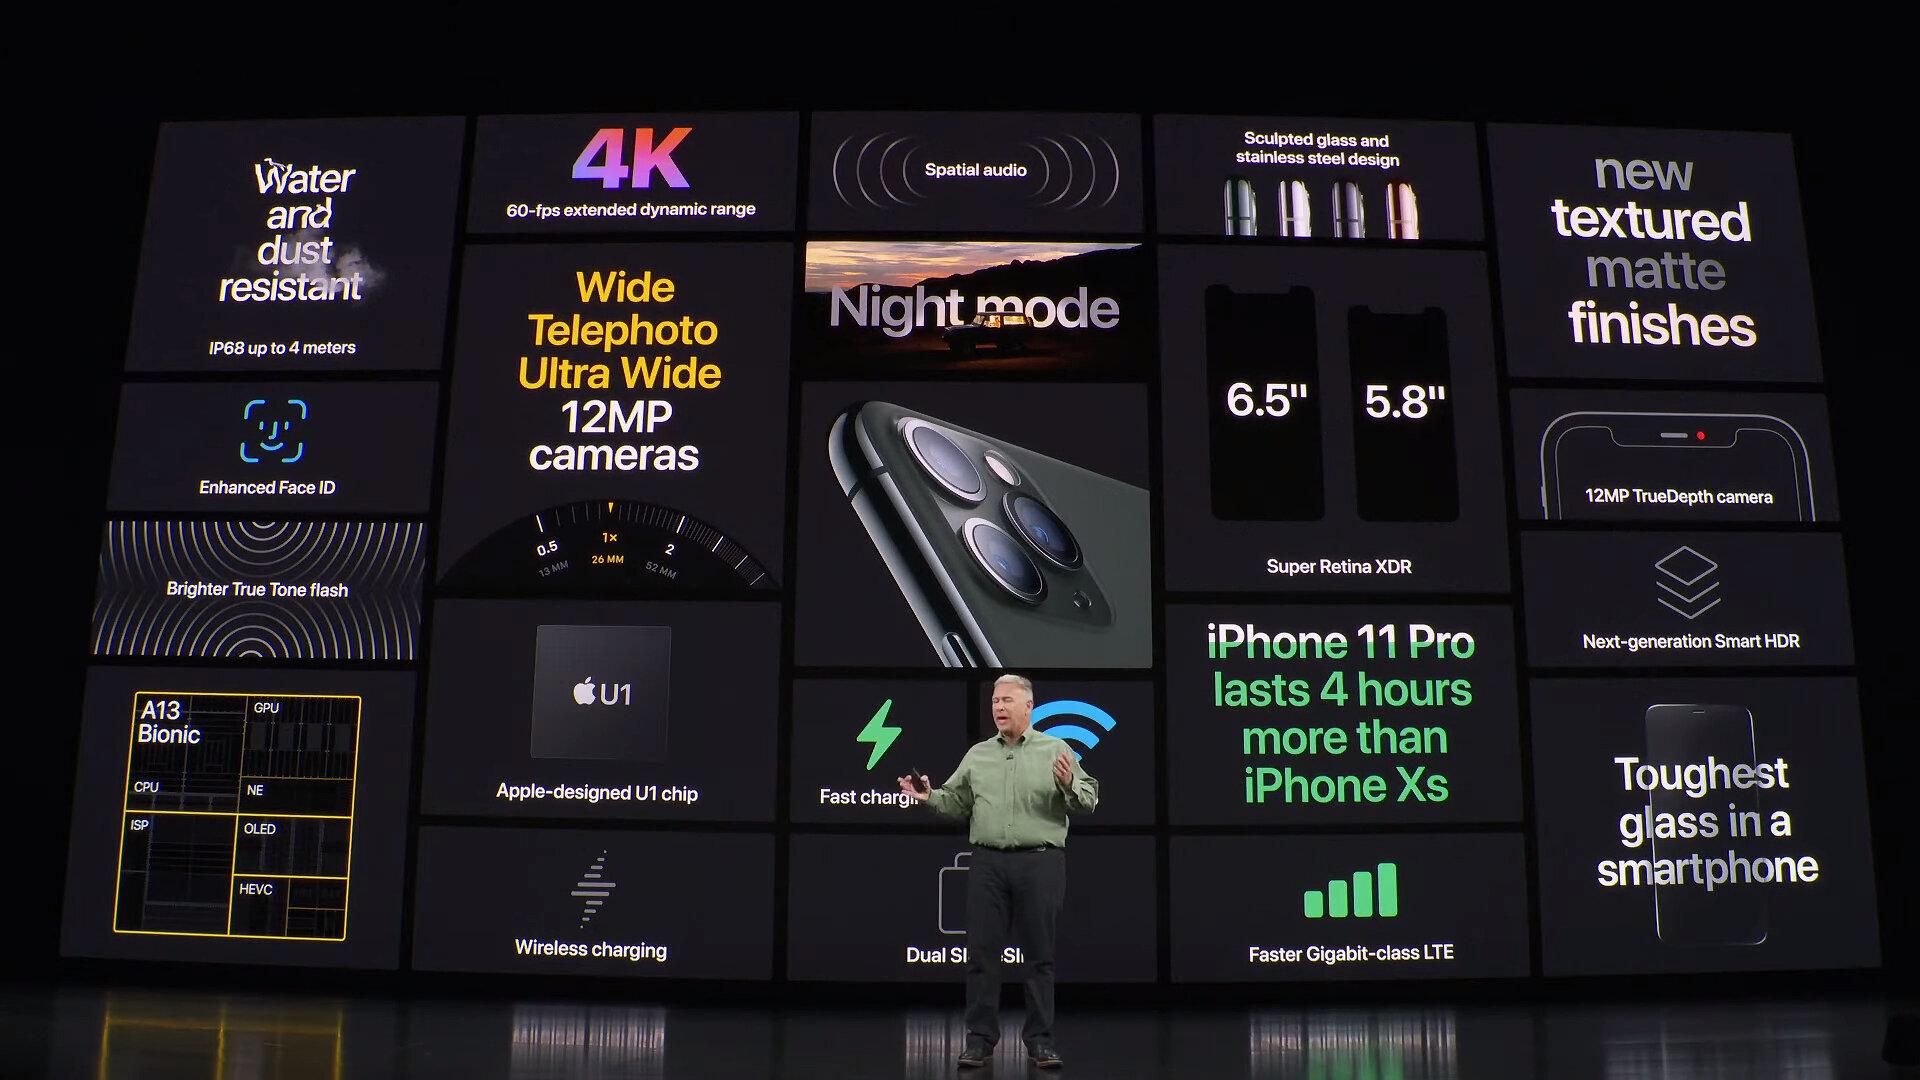 Apple U1 kurz in der Zusammenfassung gezeigt